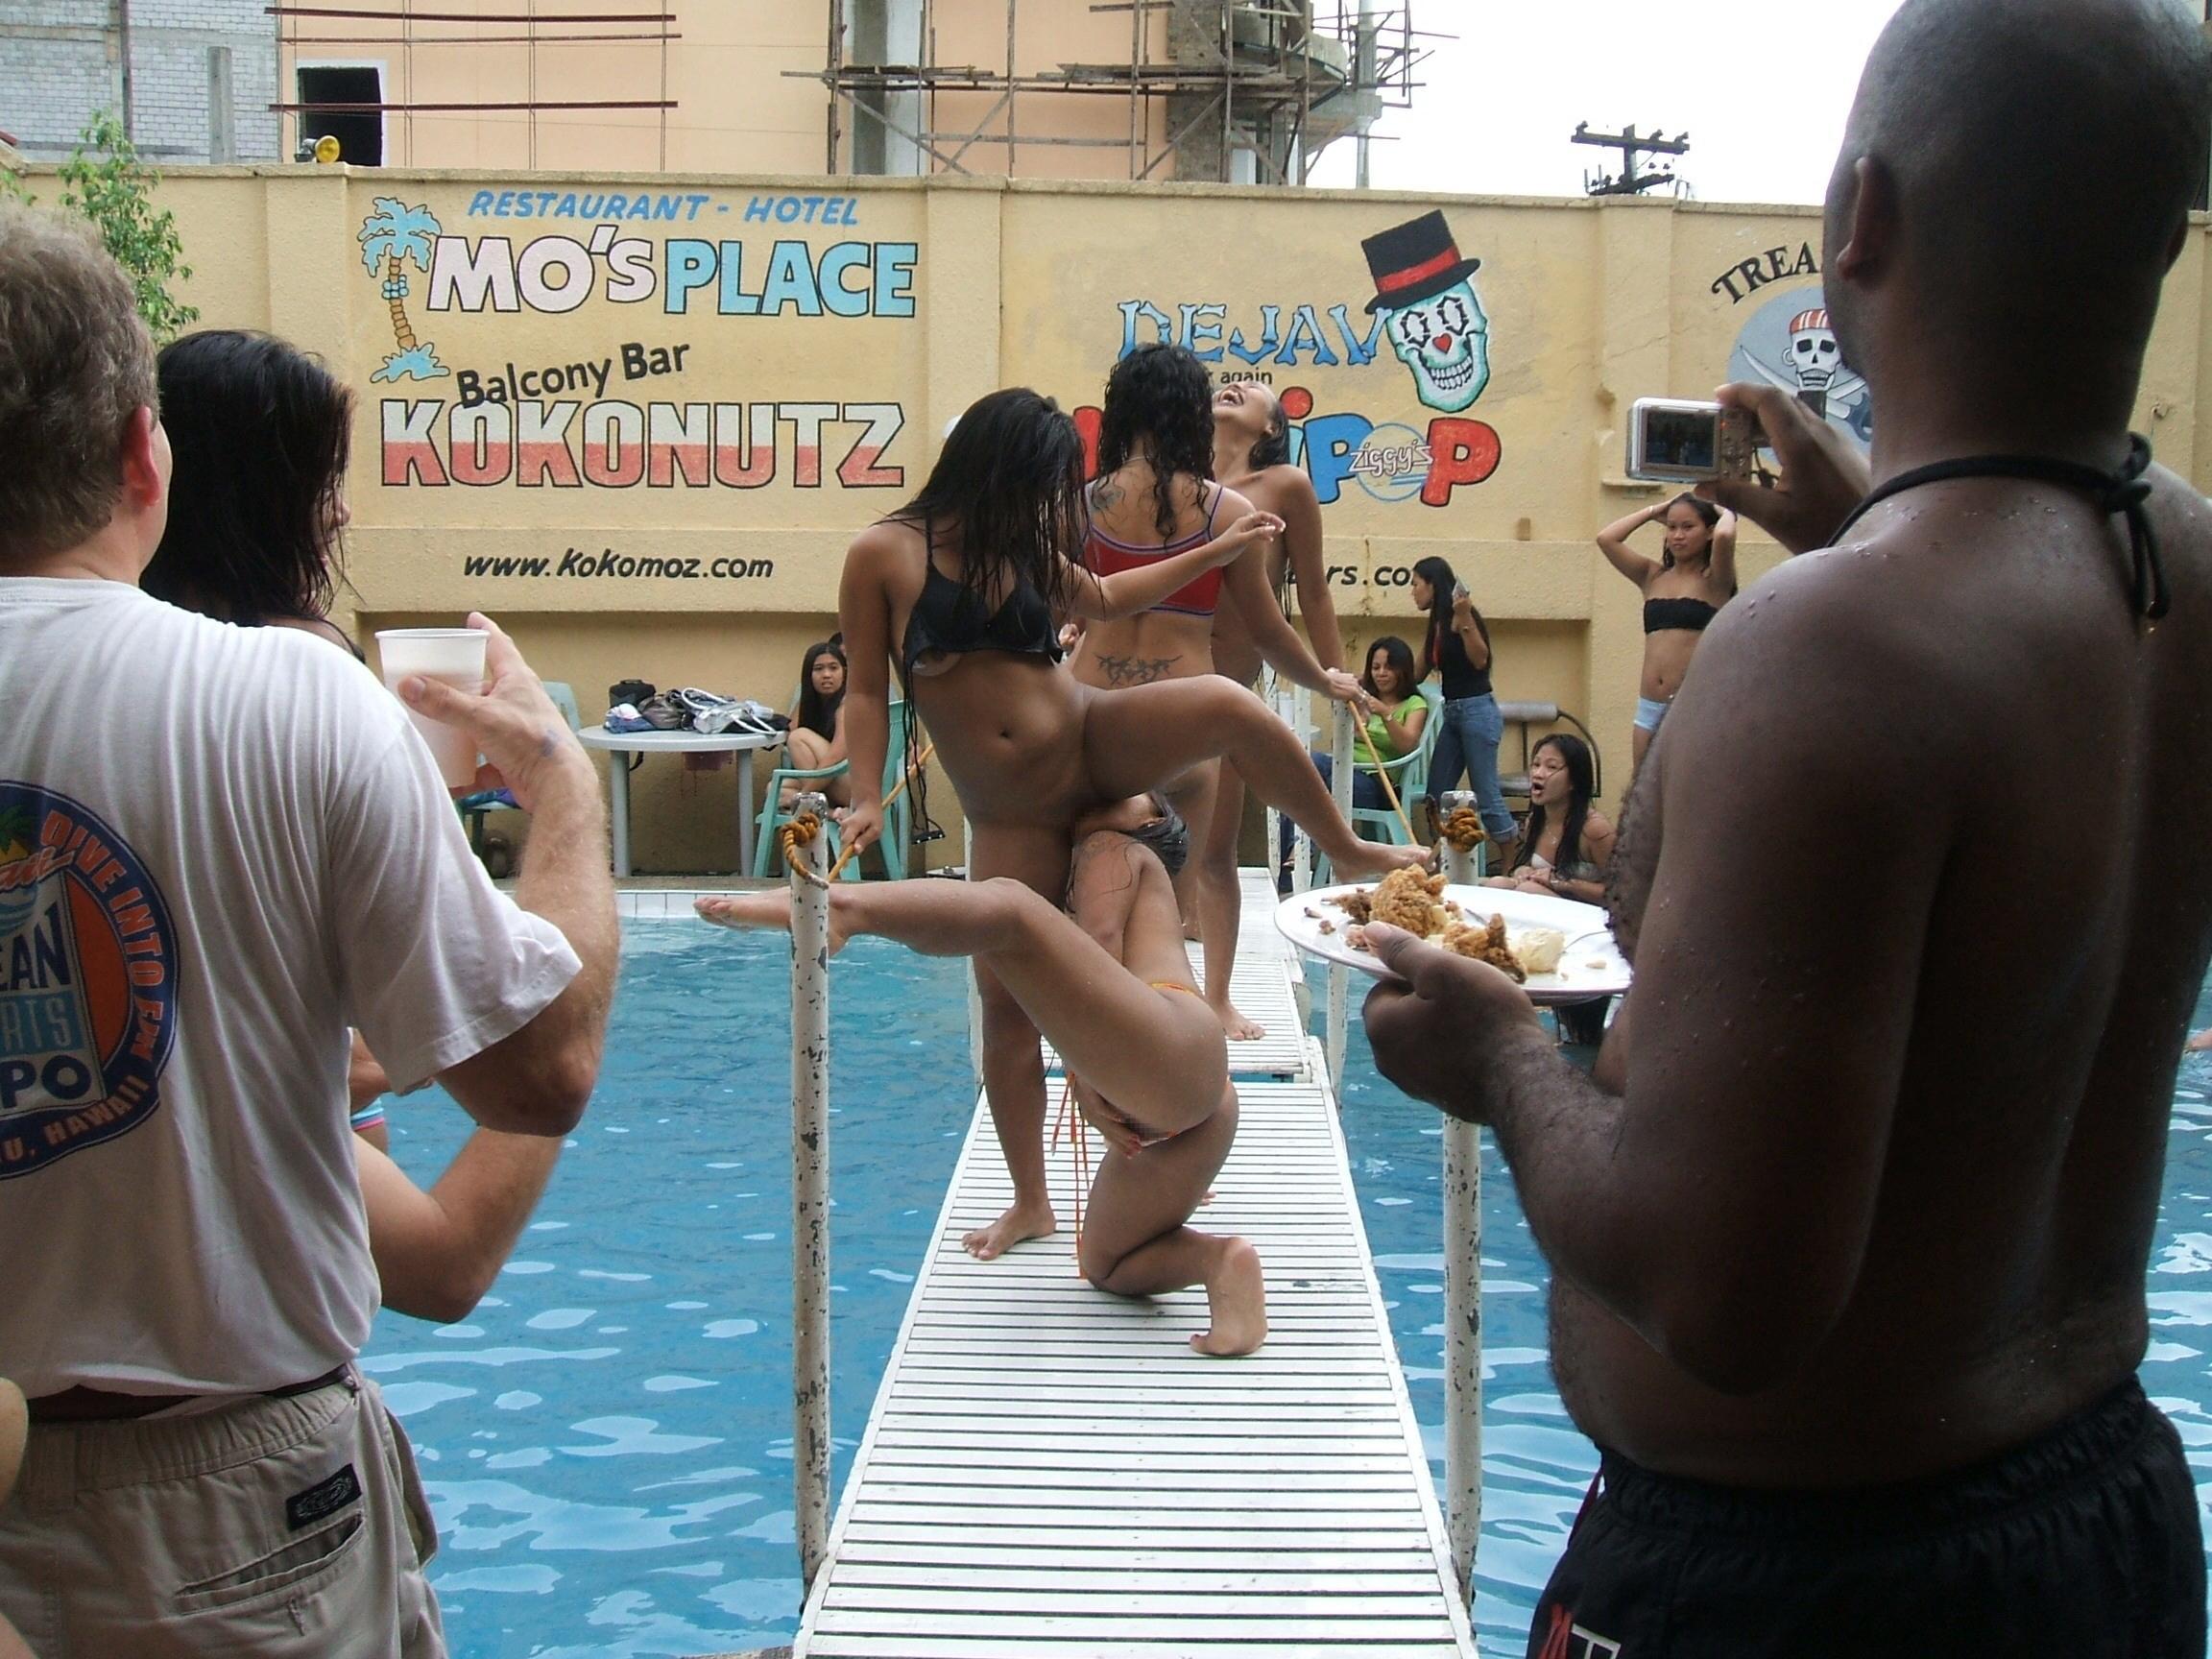 夏に異常発生する公共のプールでSEXしたバカップルが撮影される。(画像あり)・10枚目